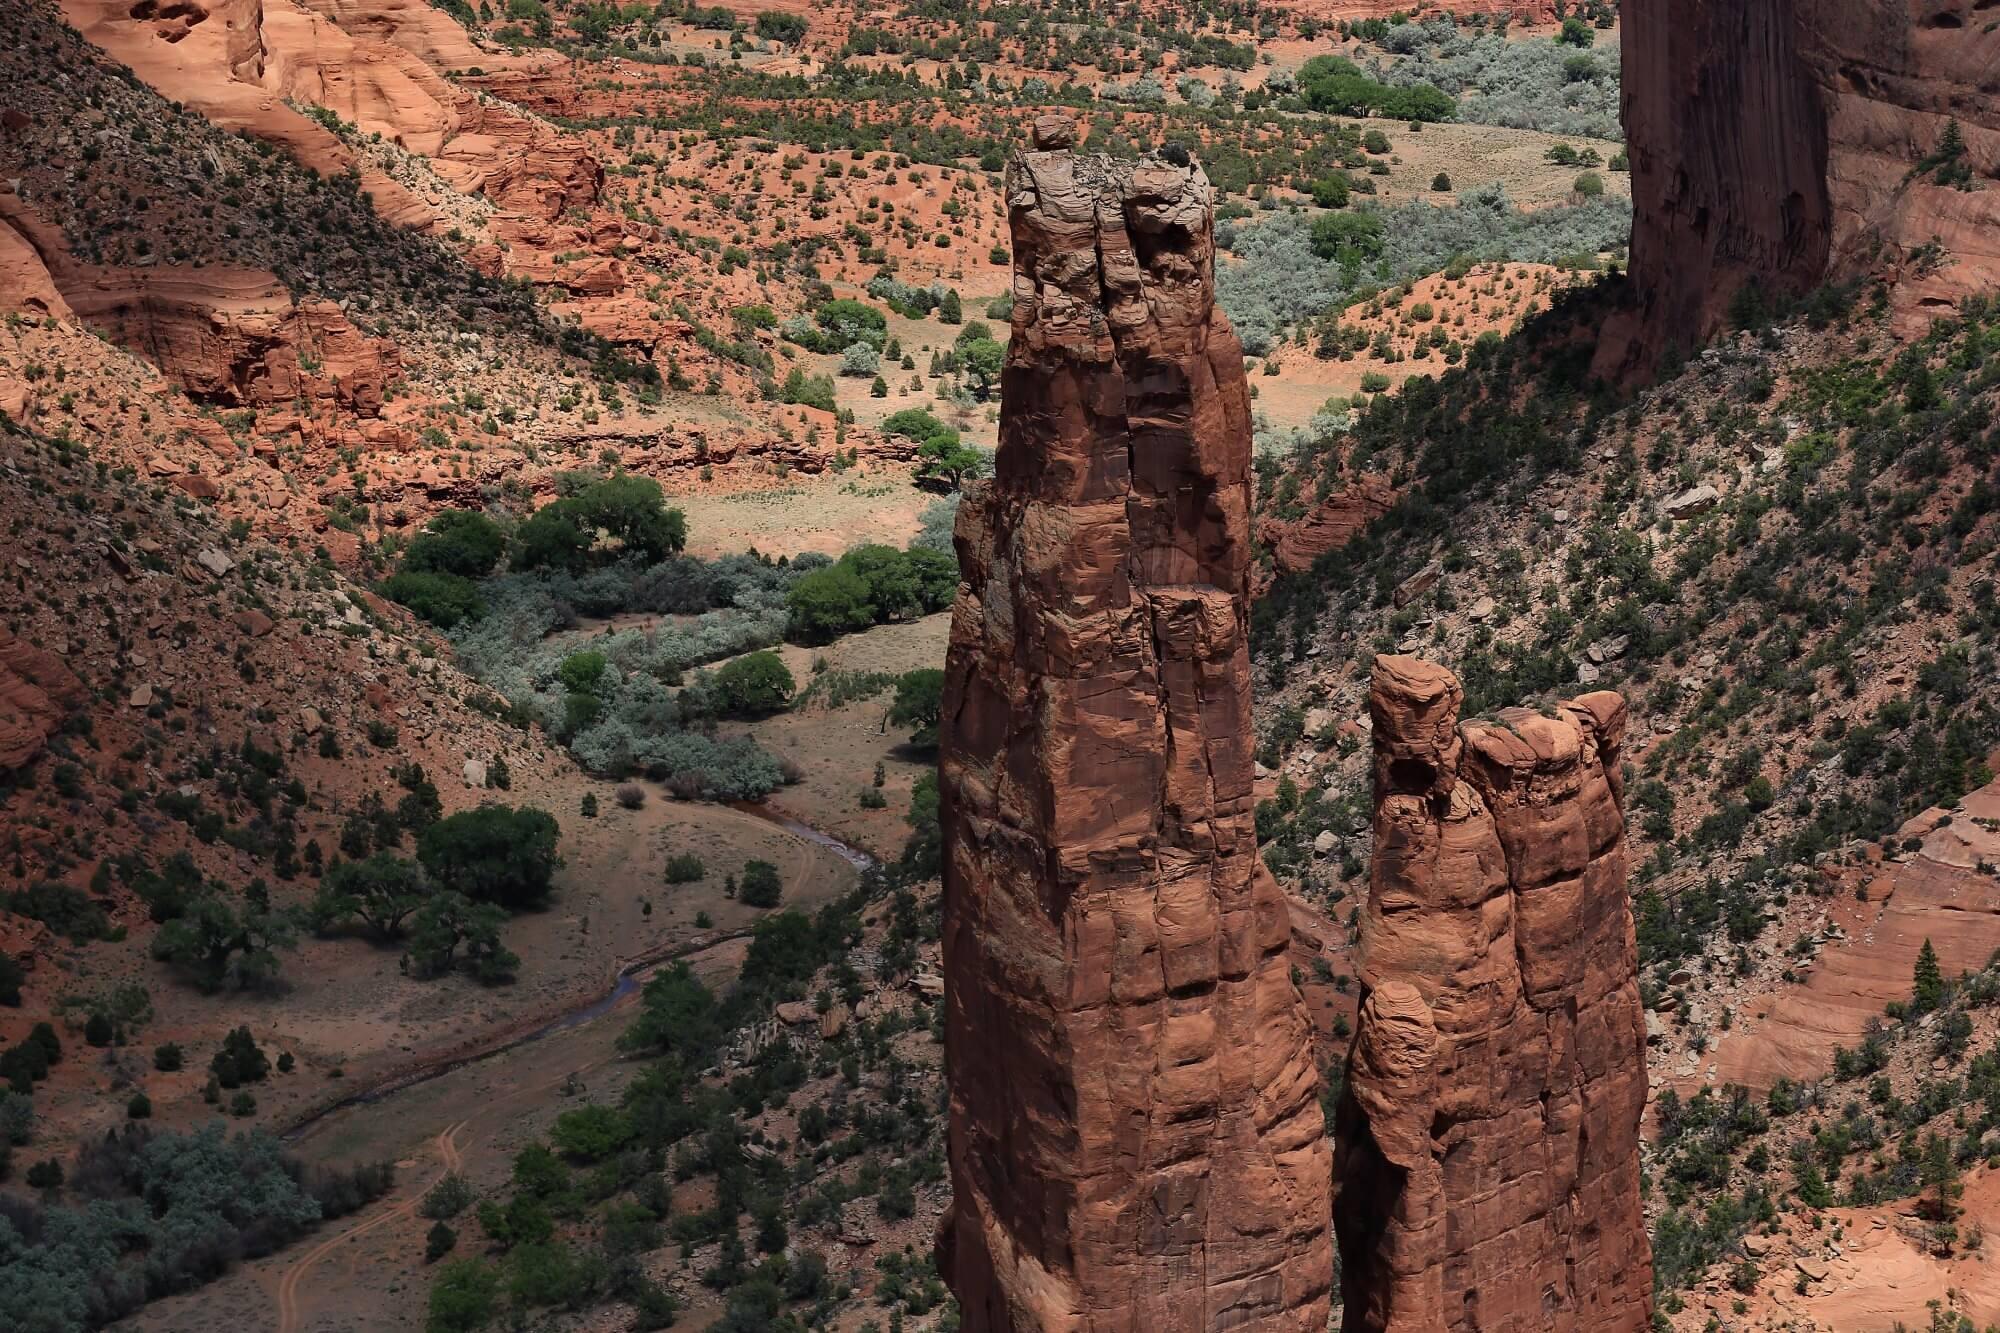 images.summitpost.org